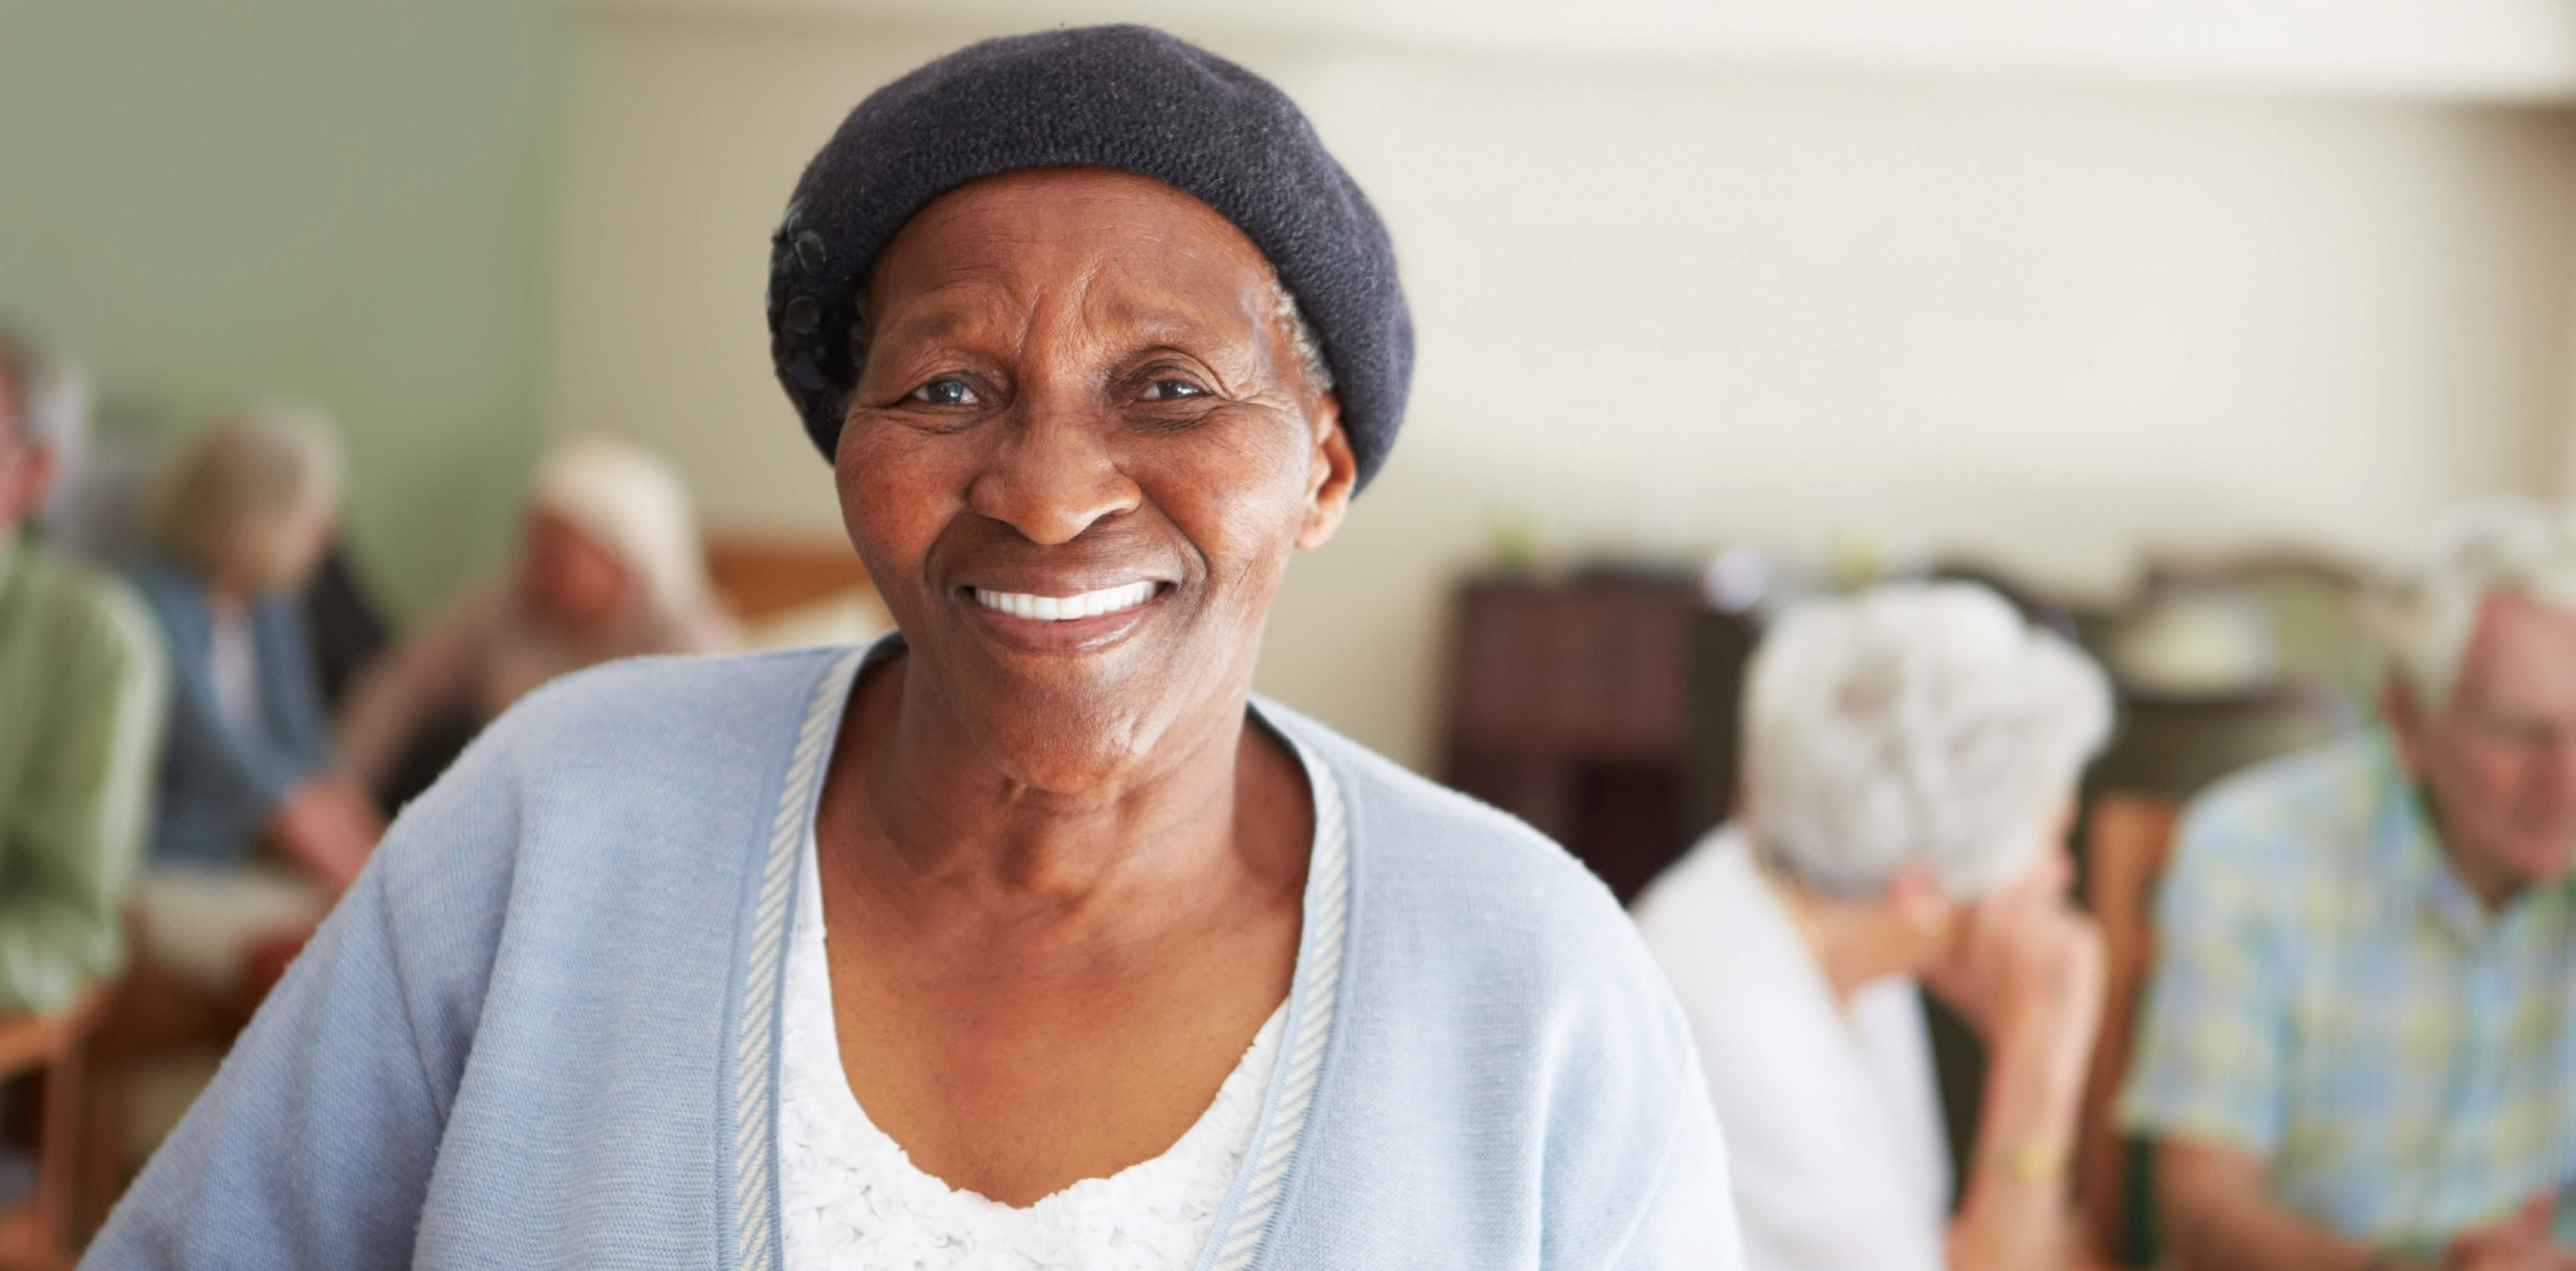 Services-for-Seniors-Carousel_SC-1-min